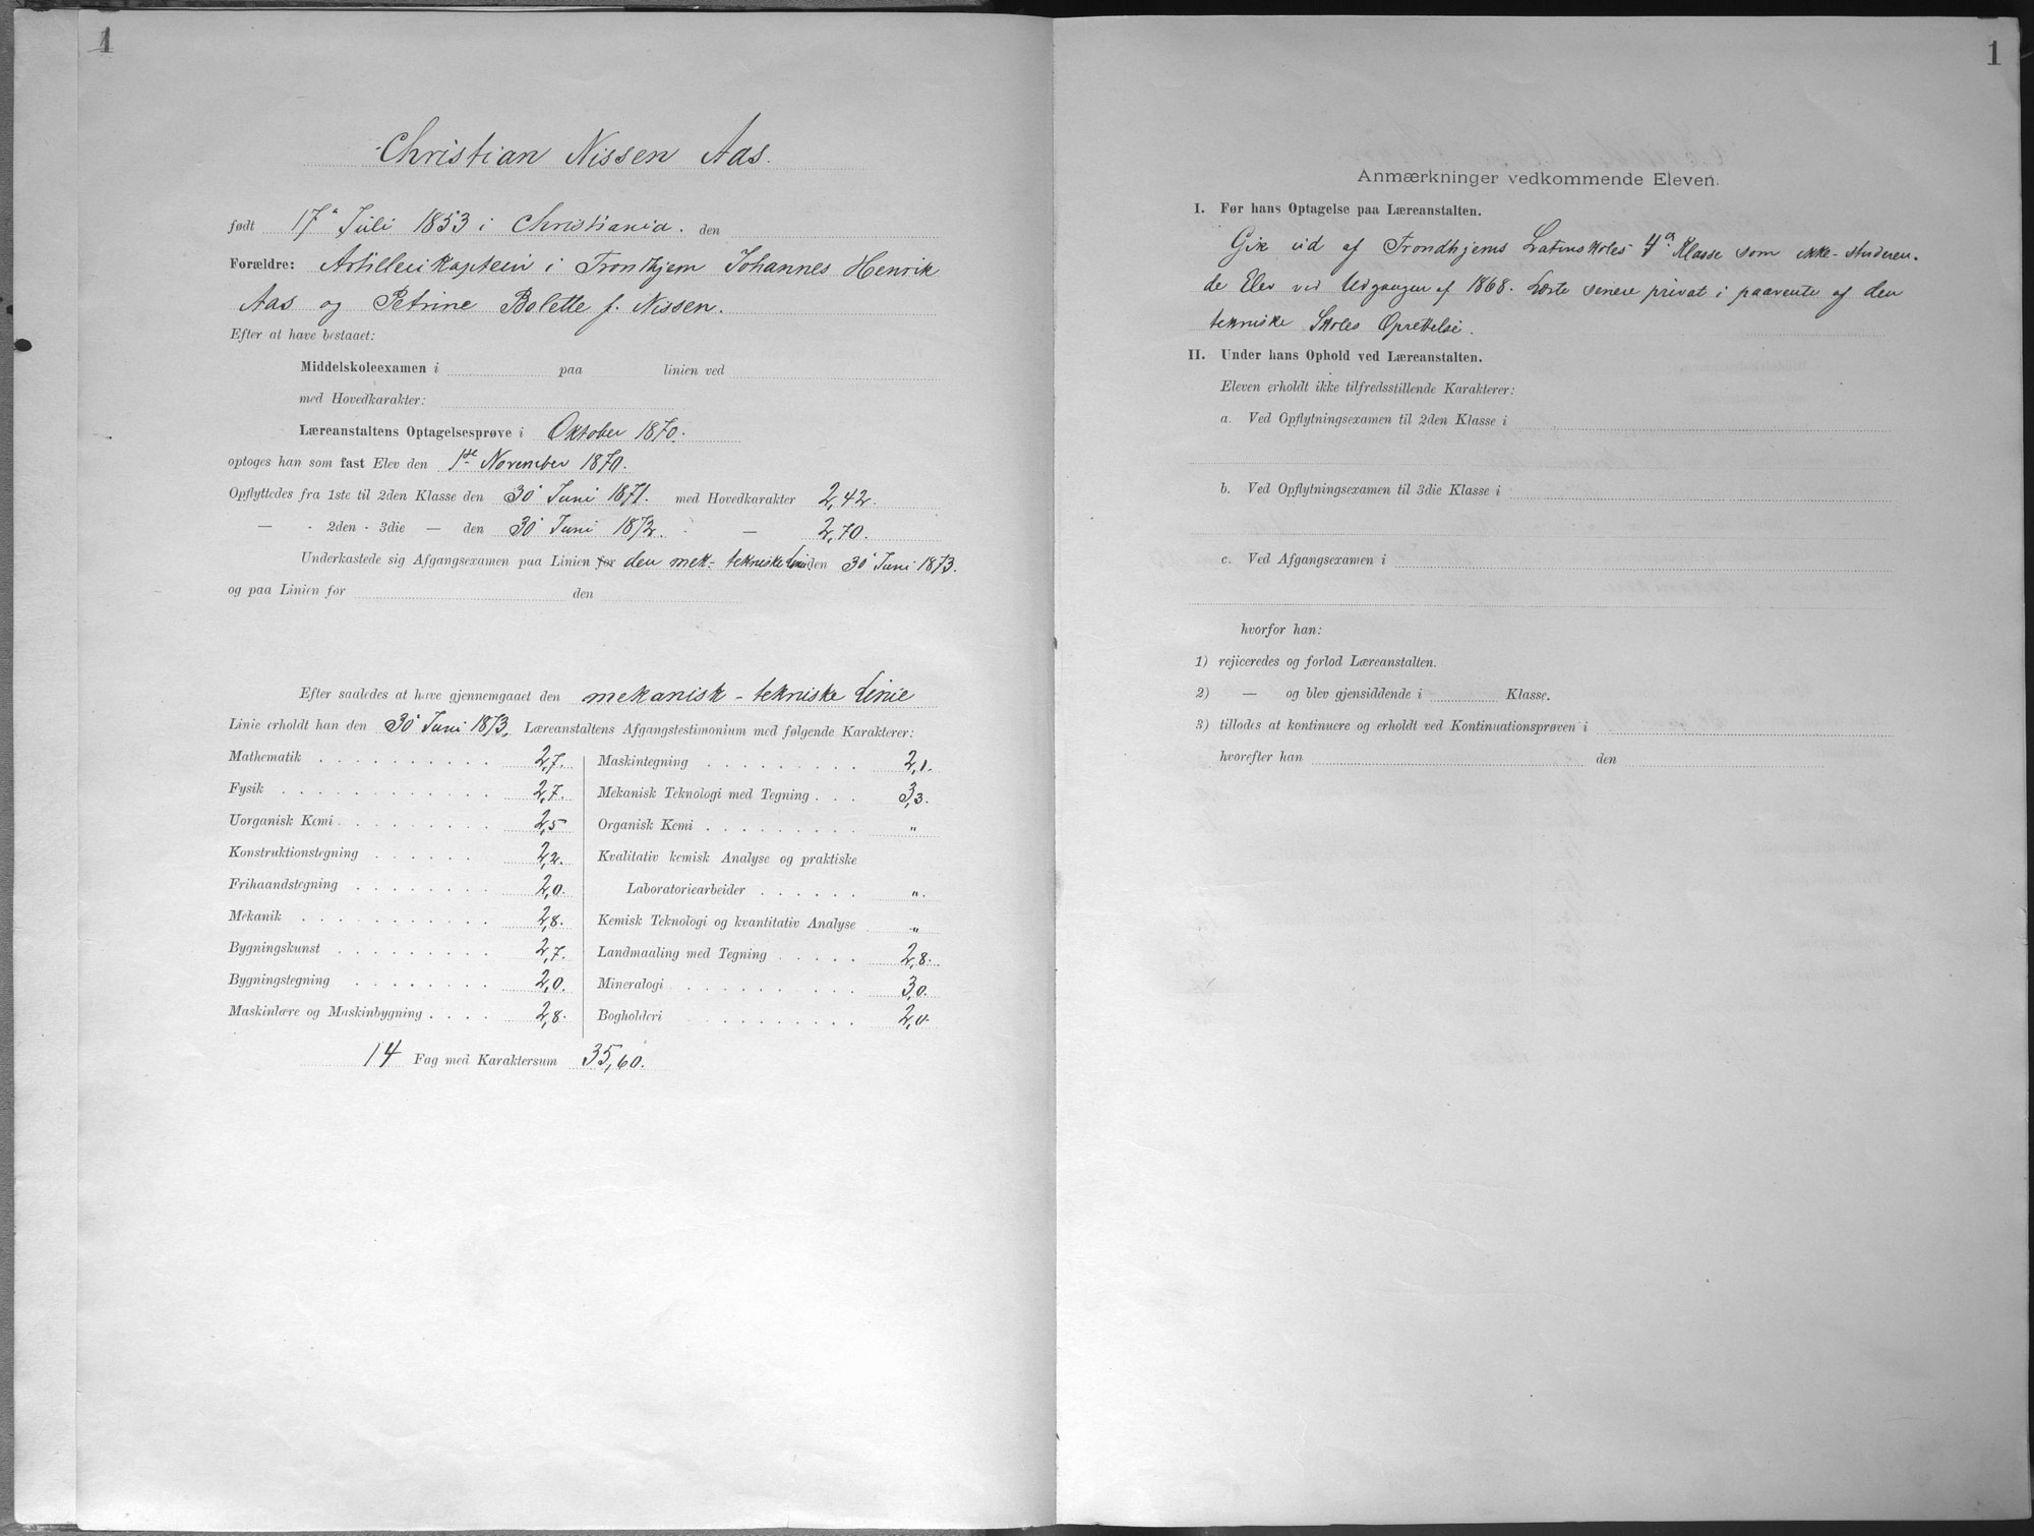 SAT, Trondhjems tekniske læreanstalt, G/Ga/L0046: Karakterprotokoll, faste elever, 1870-1890